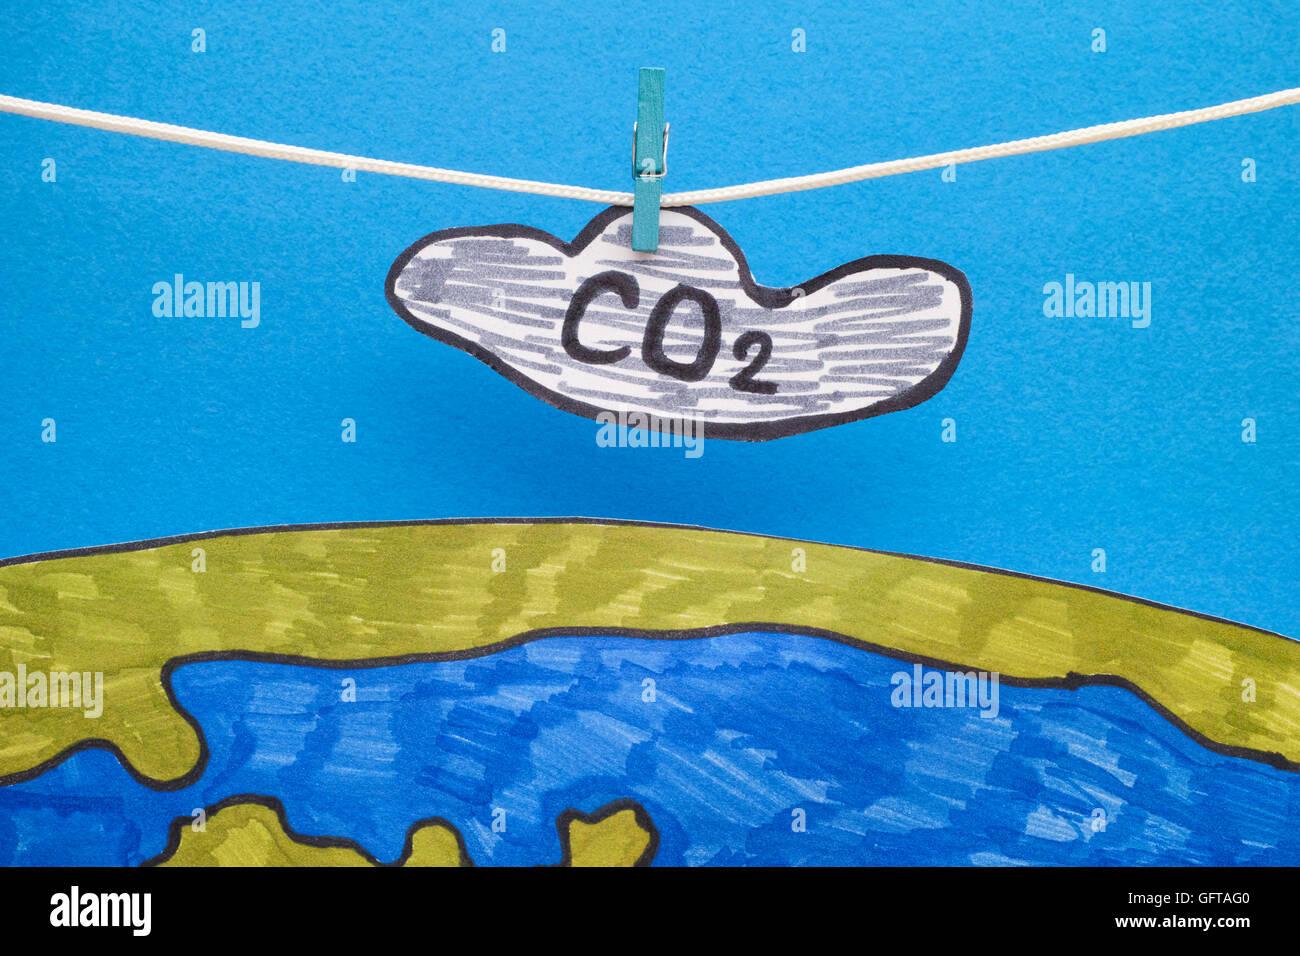 Il biossido di carbonio Cloud (CO2) appeso sopra la terra. Concetto di immagine. Close up. Immagini Stock